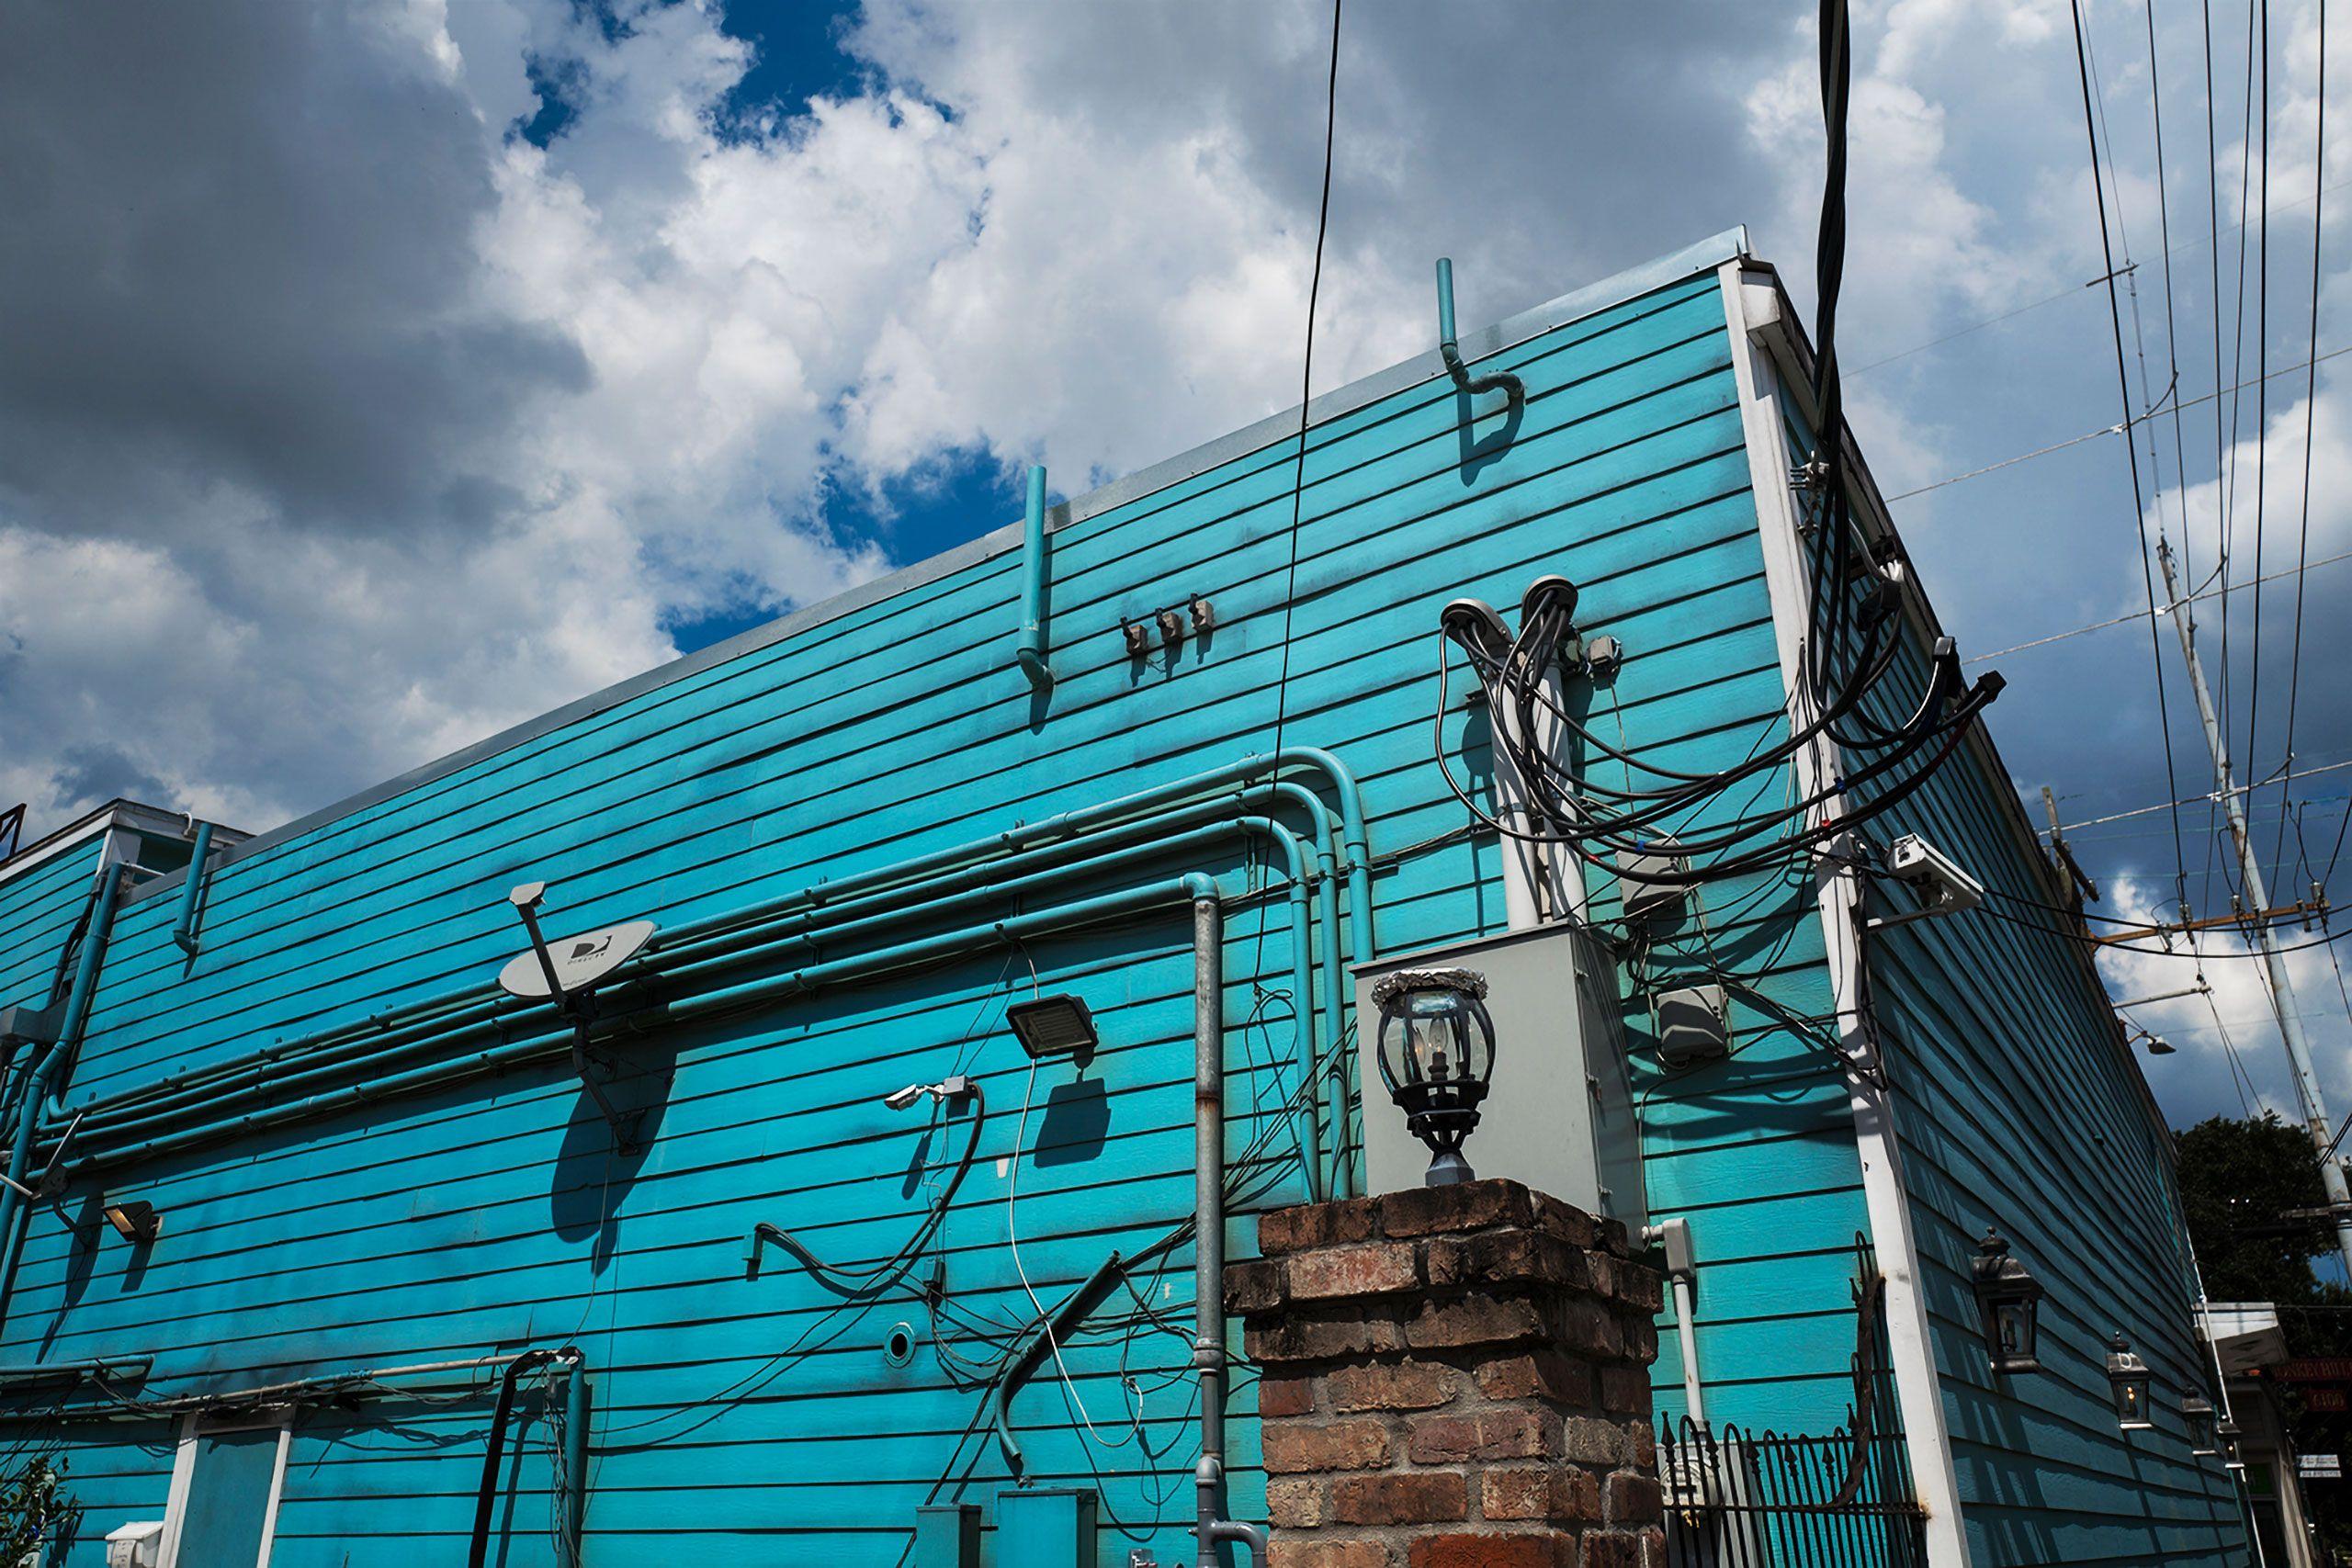 Aqua building façade NOLA